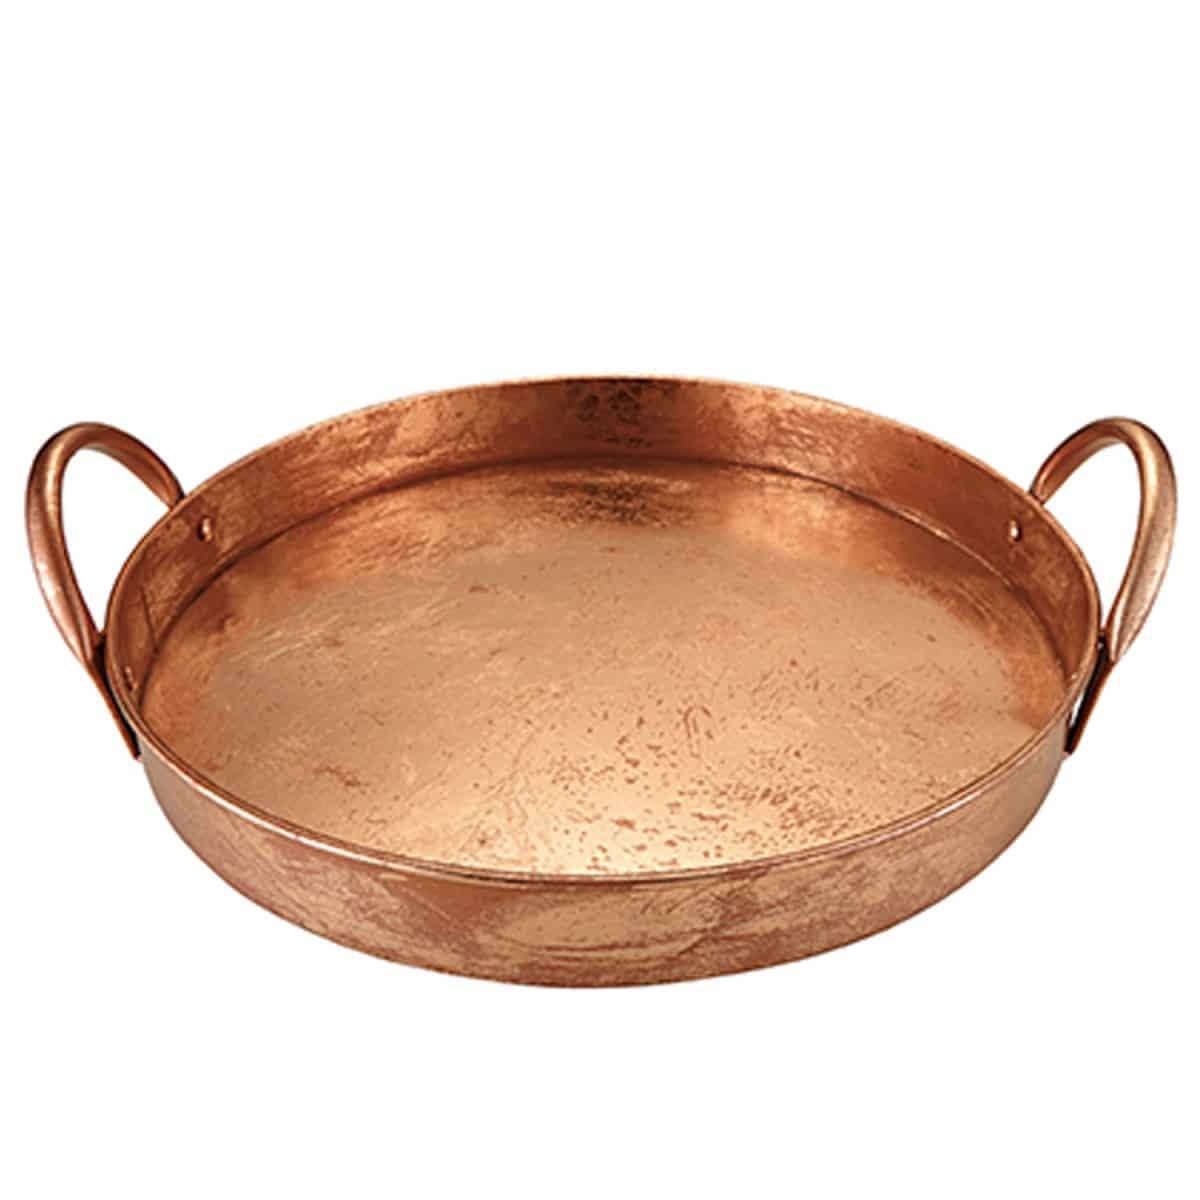 bandeja de cobre